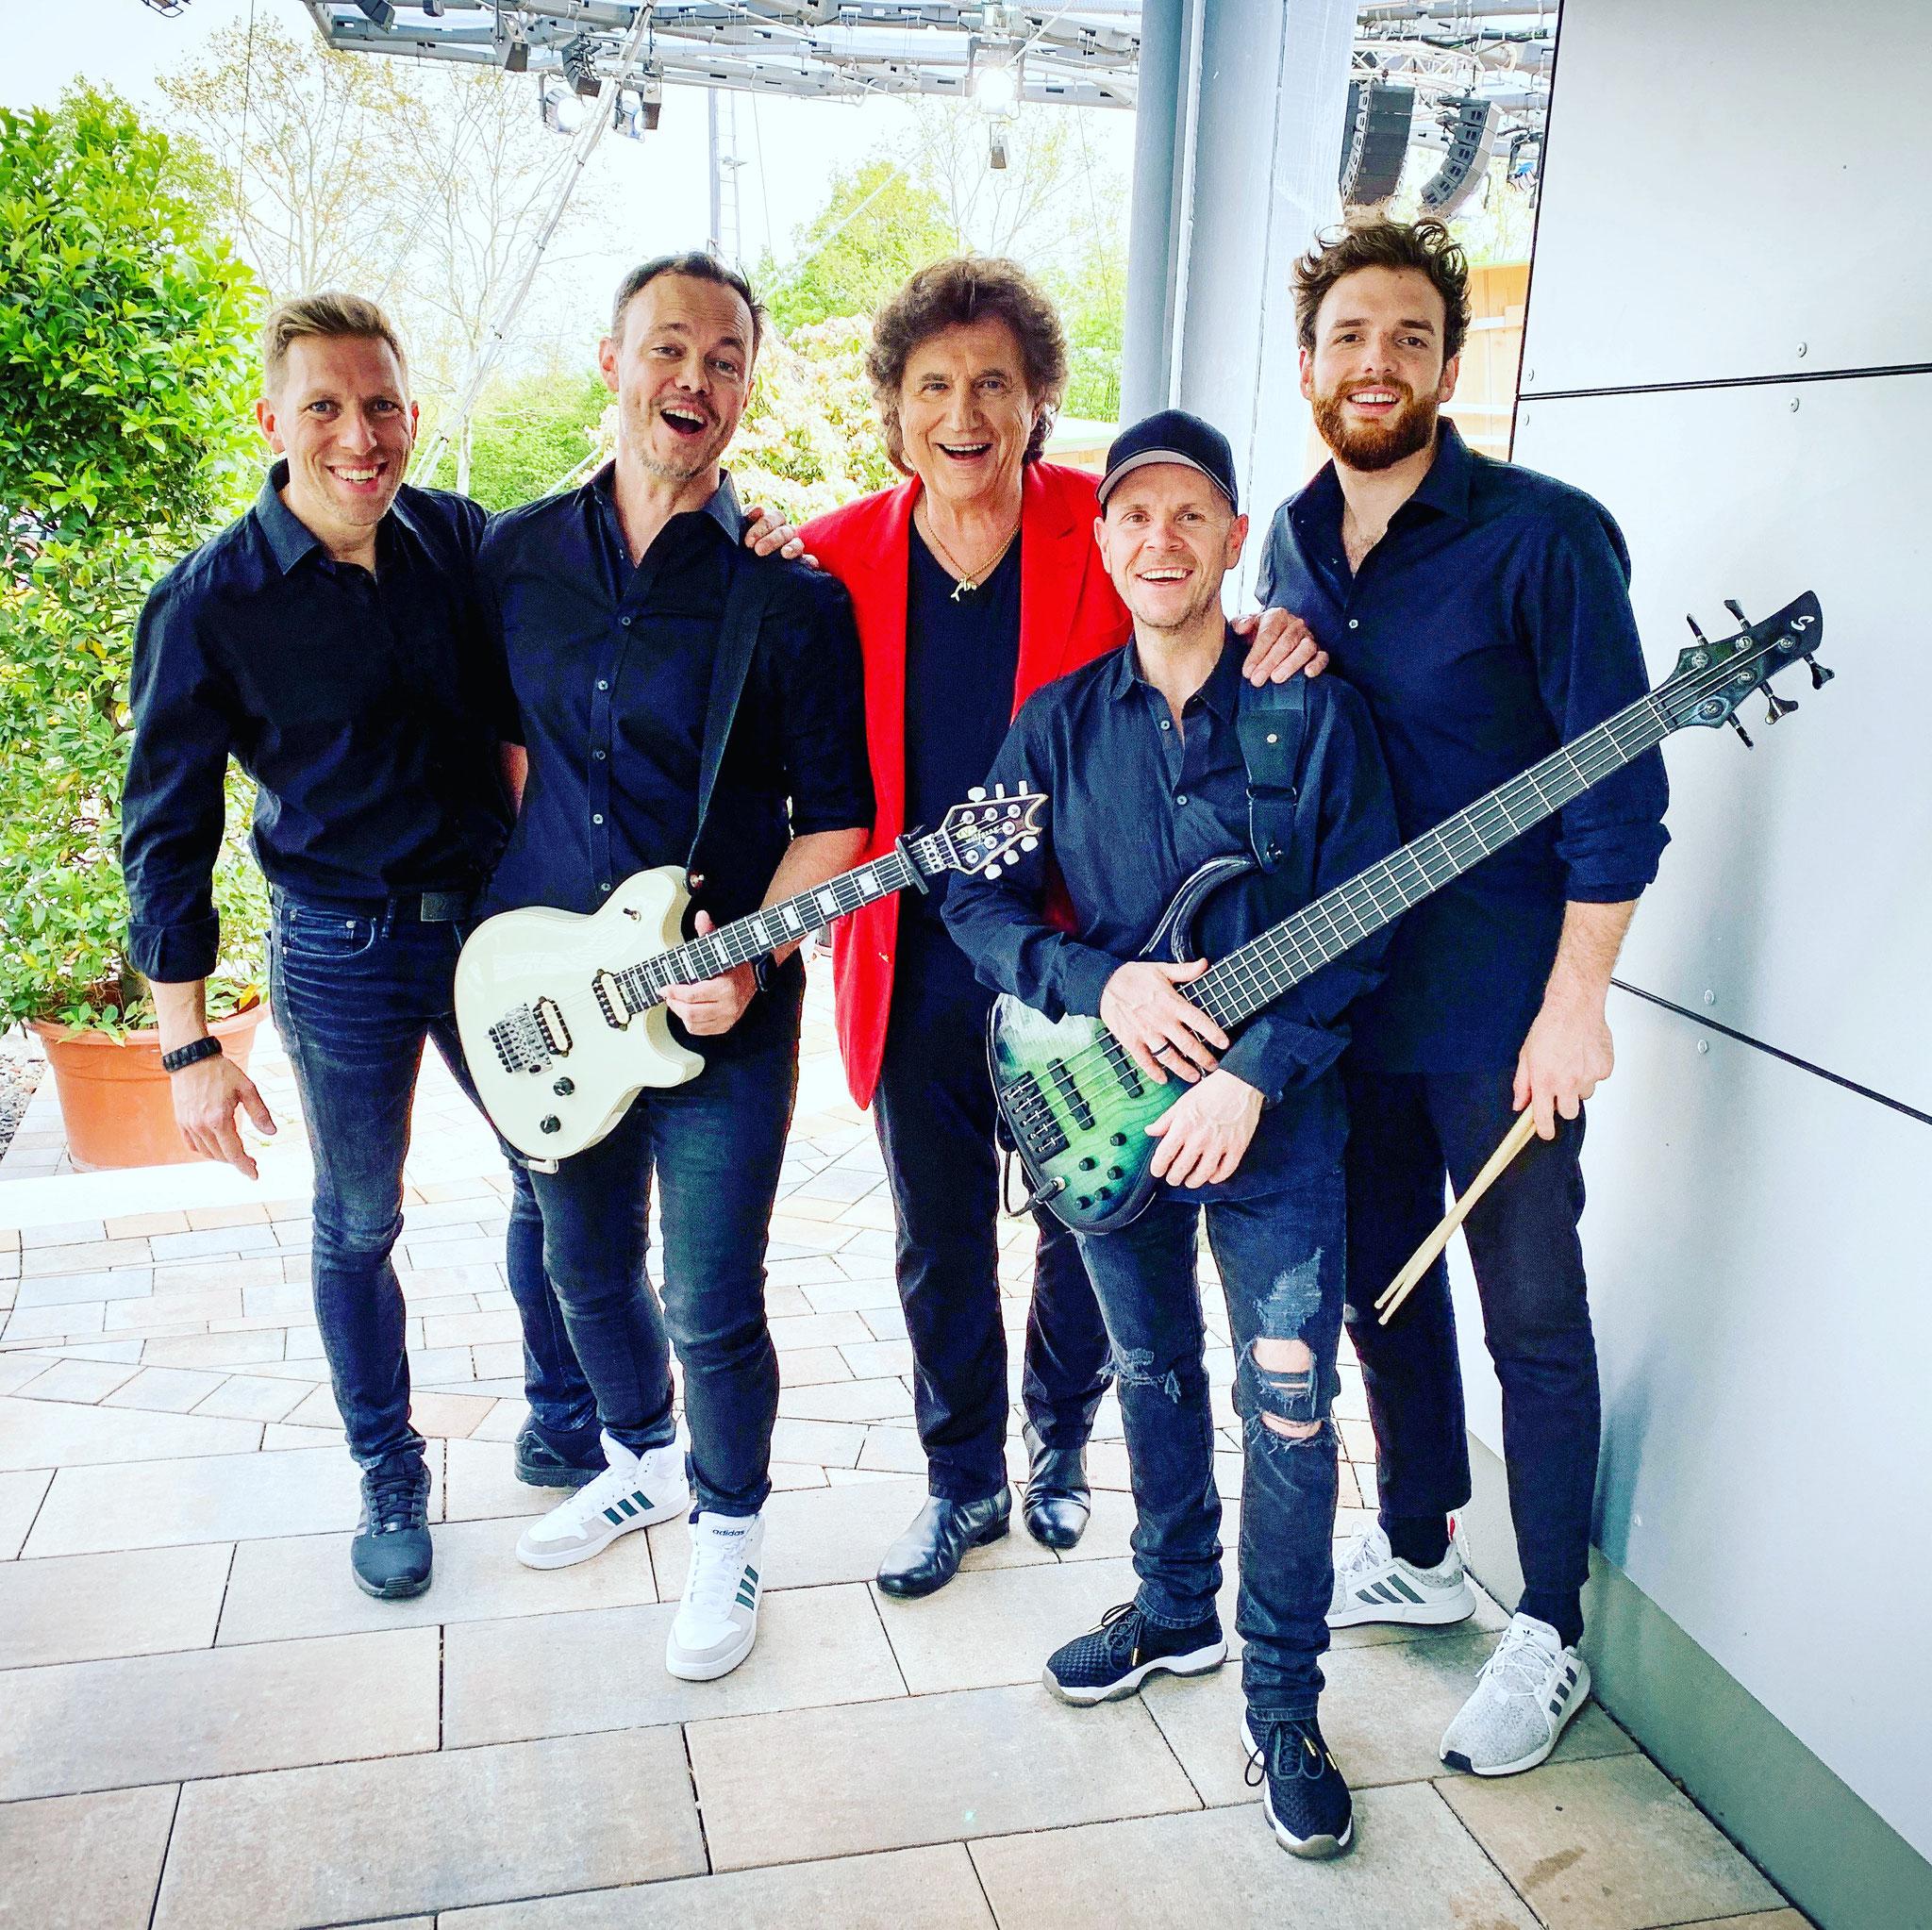 Damian mit Band - Olaf der Flipper beim ZDF Fernsehgarten